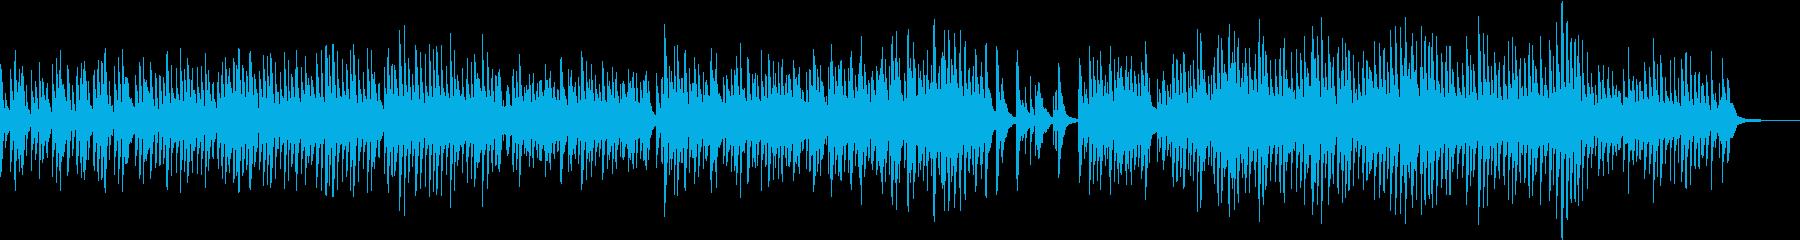 企業VPや映像に透明感・感動ソロピアノの再生済みの波形